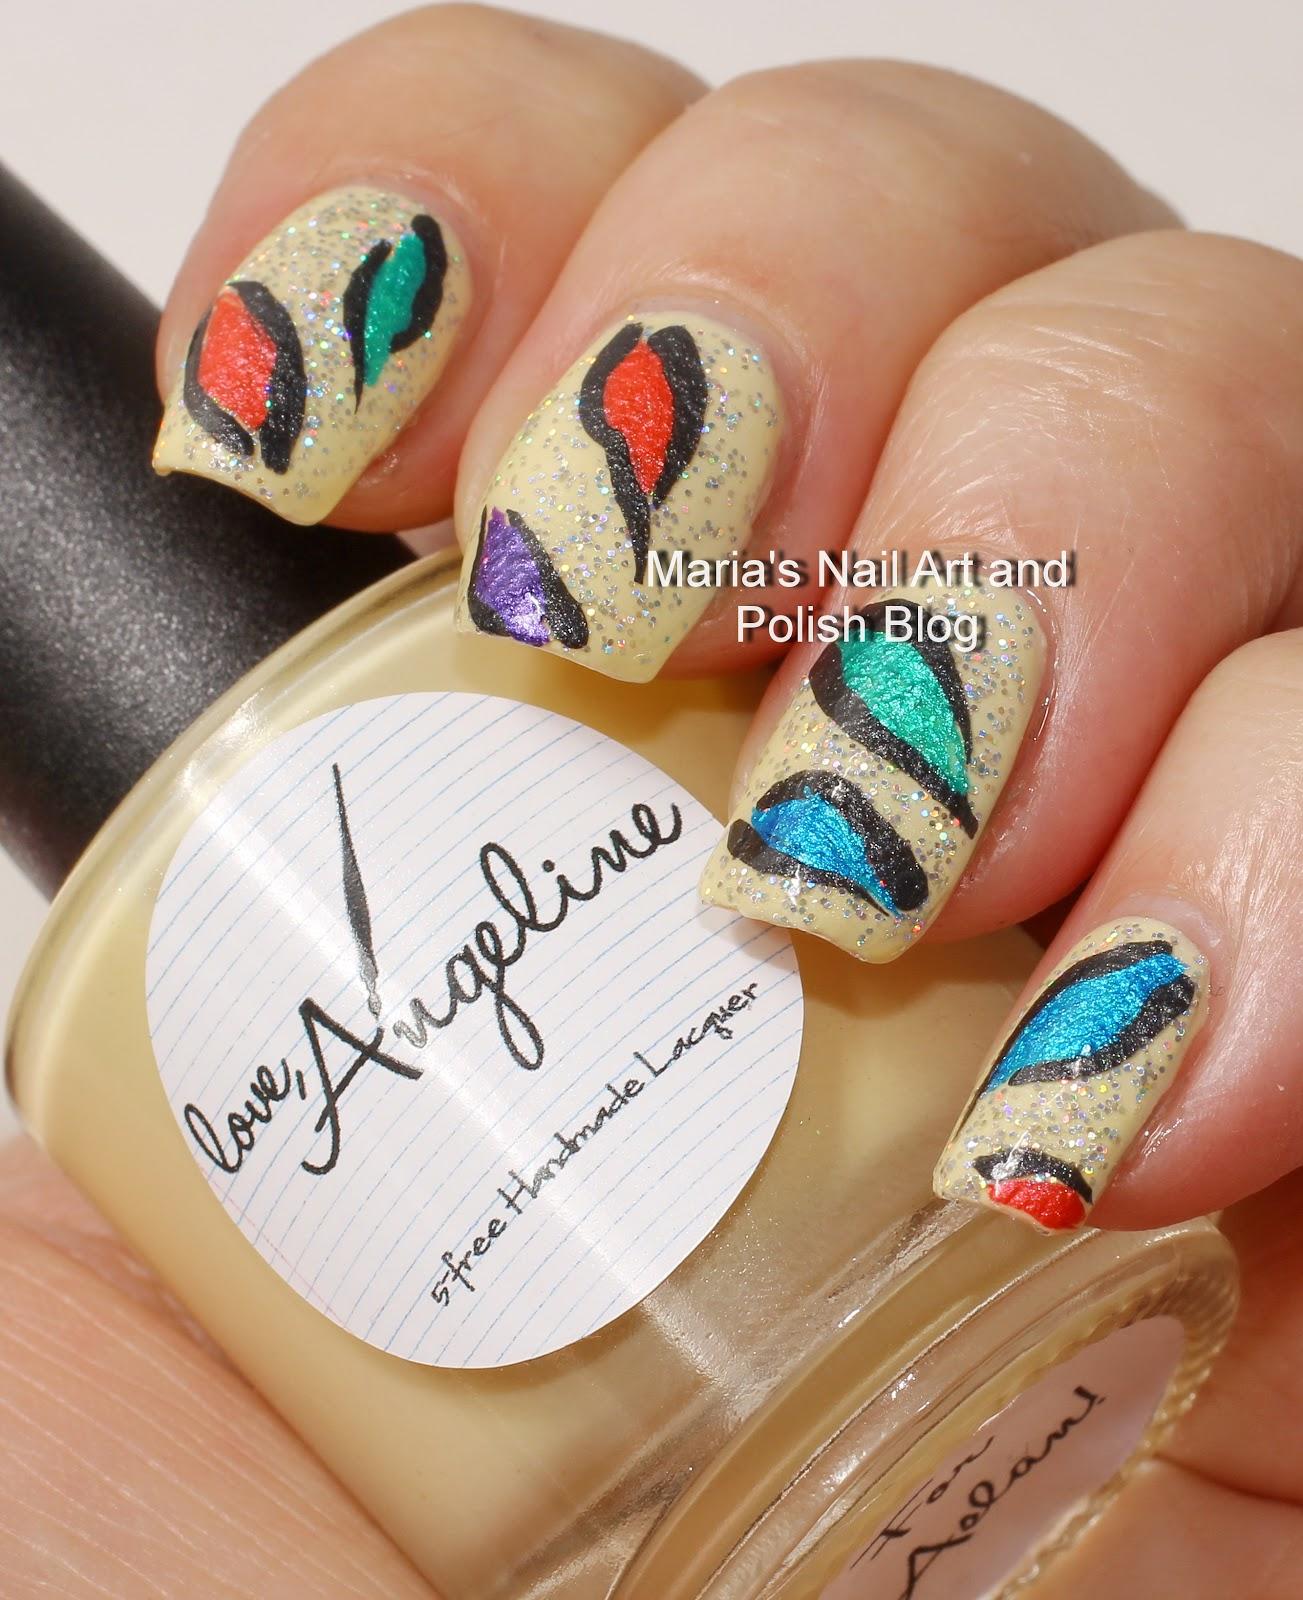 Colorful Nail Art: Marias Nail Art And Polish Blog: Colorful Abstract Nail Art